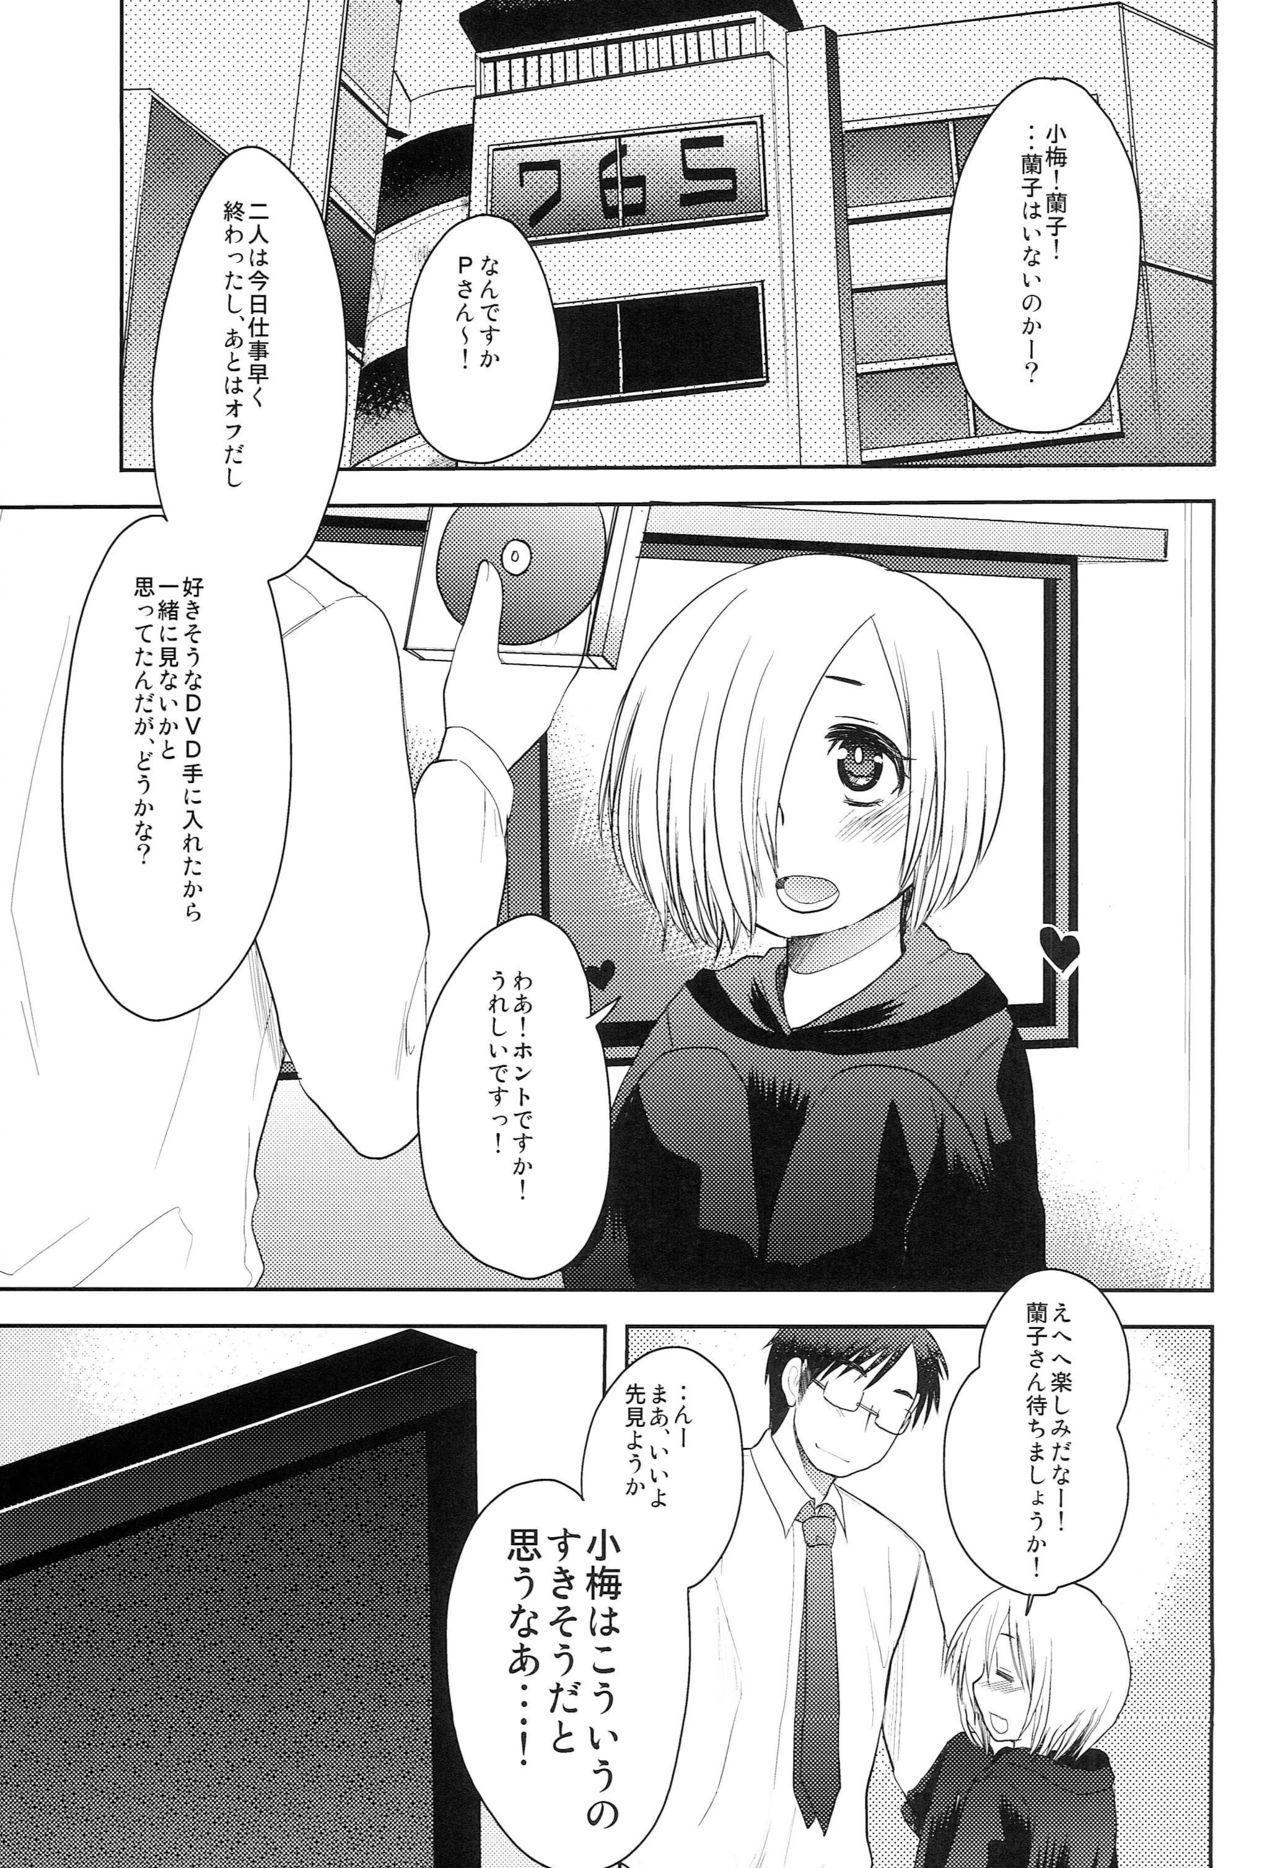 P-san! Sonnani Watashitachi Ijimete Tanoshii n Desuka 3